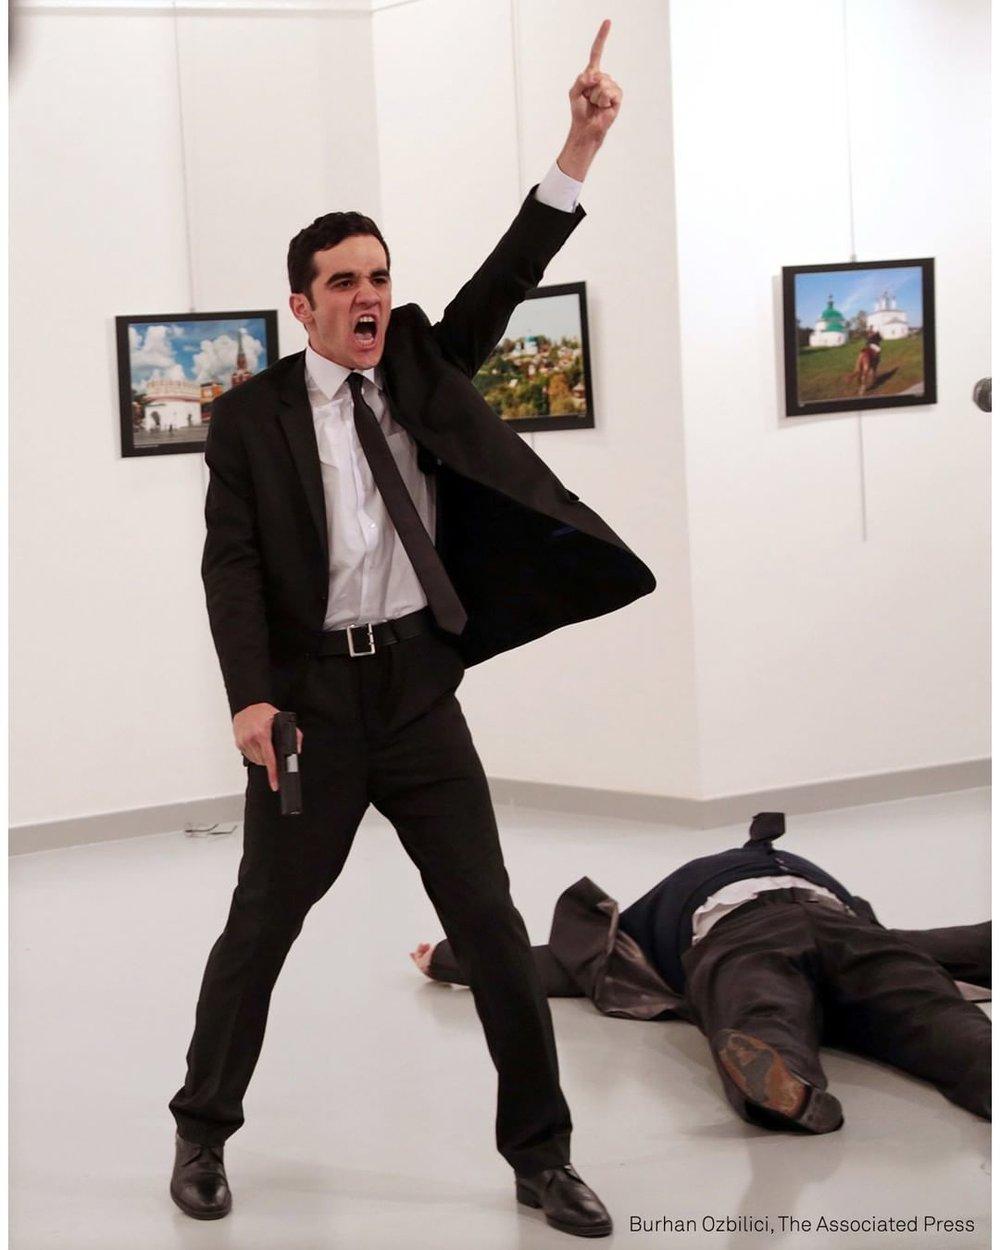 """E il momento in cui l'attentatore Mevlut Mert Altintas ha appena sparato all'ambasciatore russo in Turchia, il 19 dicembre 2016, in una galleria d'arte di Ankara. Lo scatto è di Burhan Ozbilici, fotografo e giornalista dell'agenzia Associated Press, vincitore del """"World Press Photo 2017"""". La fotografia è in  mostra , insieme ad altri 150 immagini selezionate dal noto contest, a Palermo, Palazzo Bonocore."""